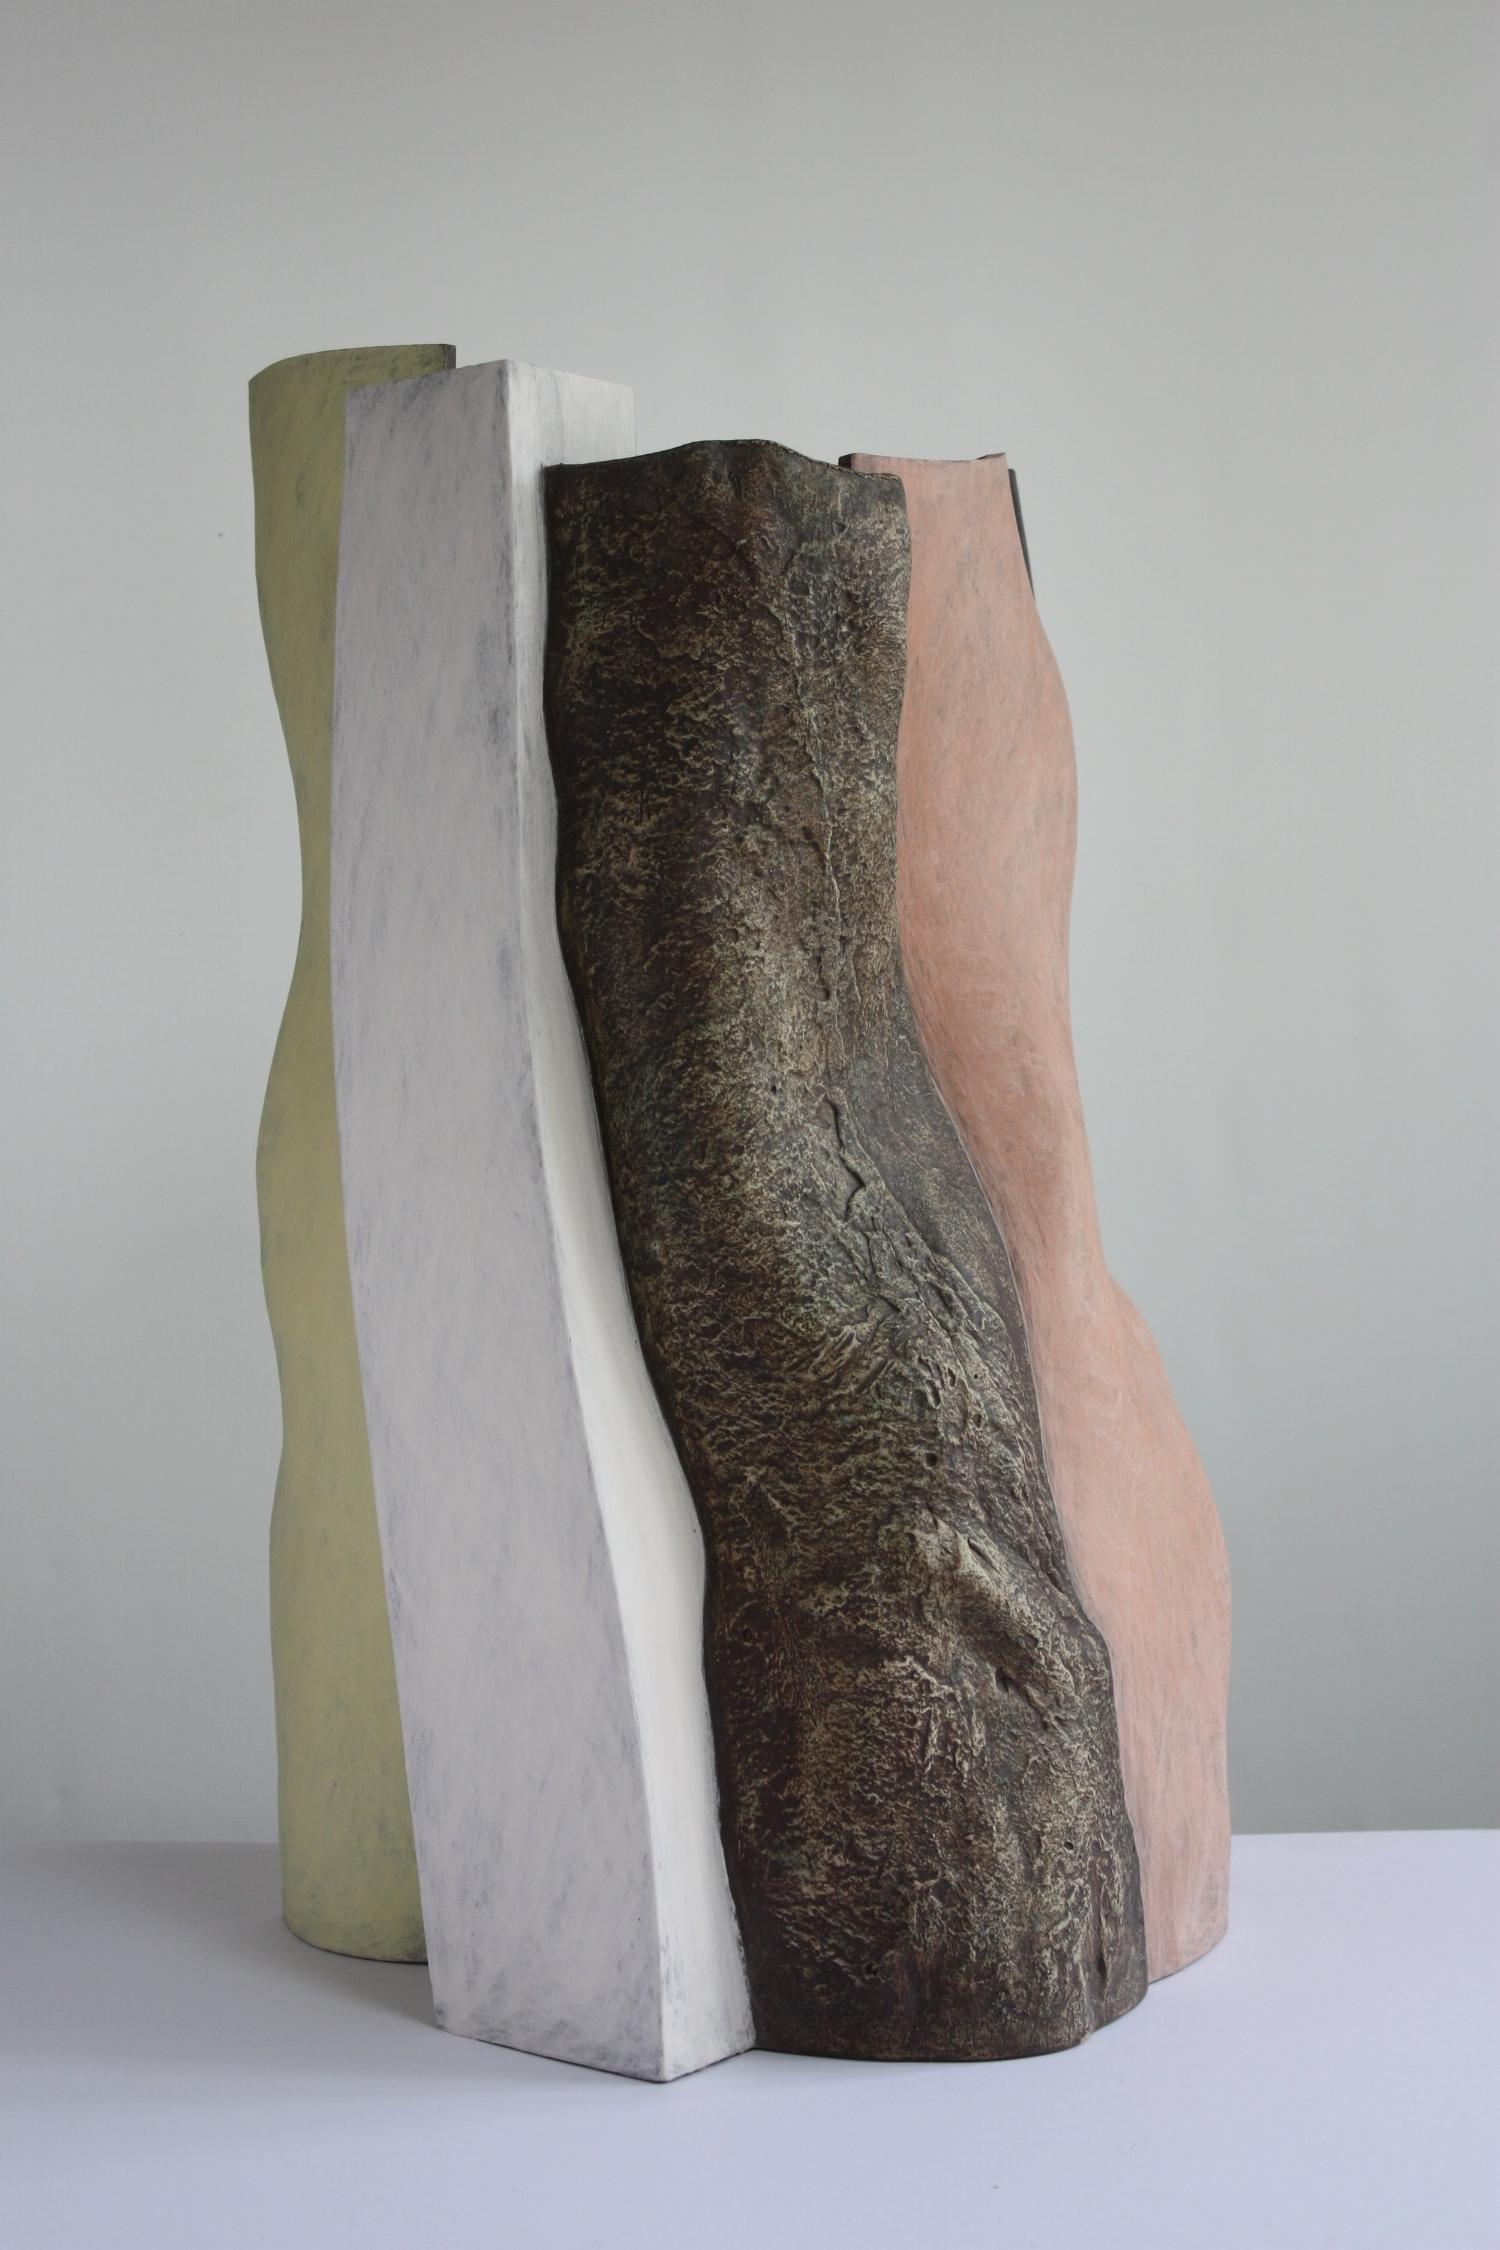 To Bolivia, 2012, 60cm high